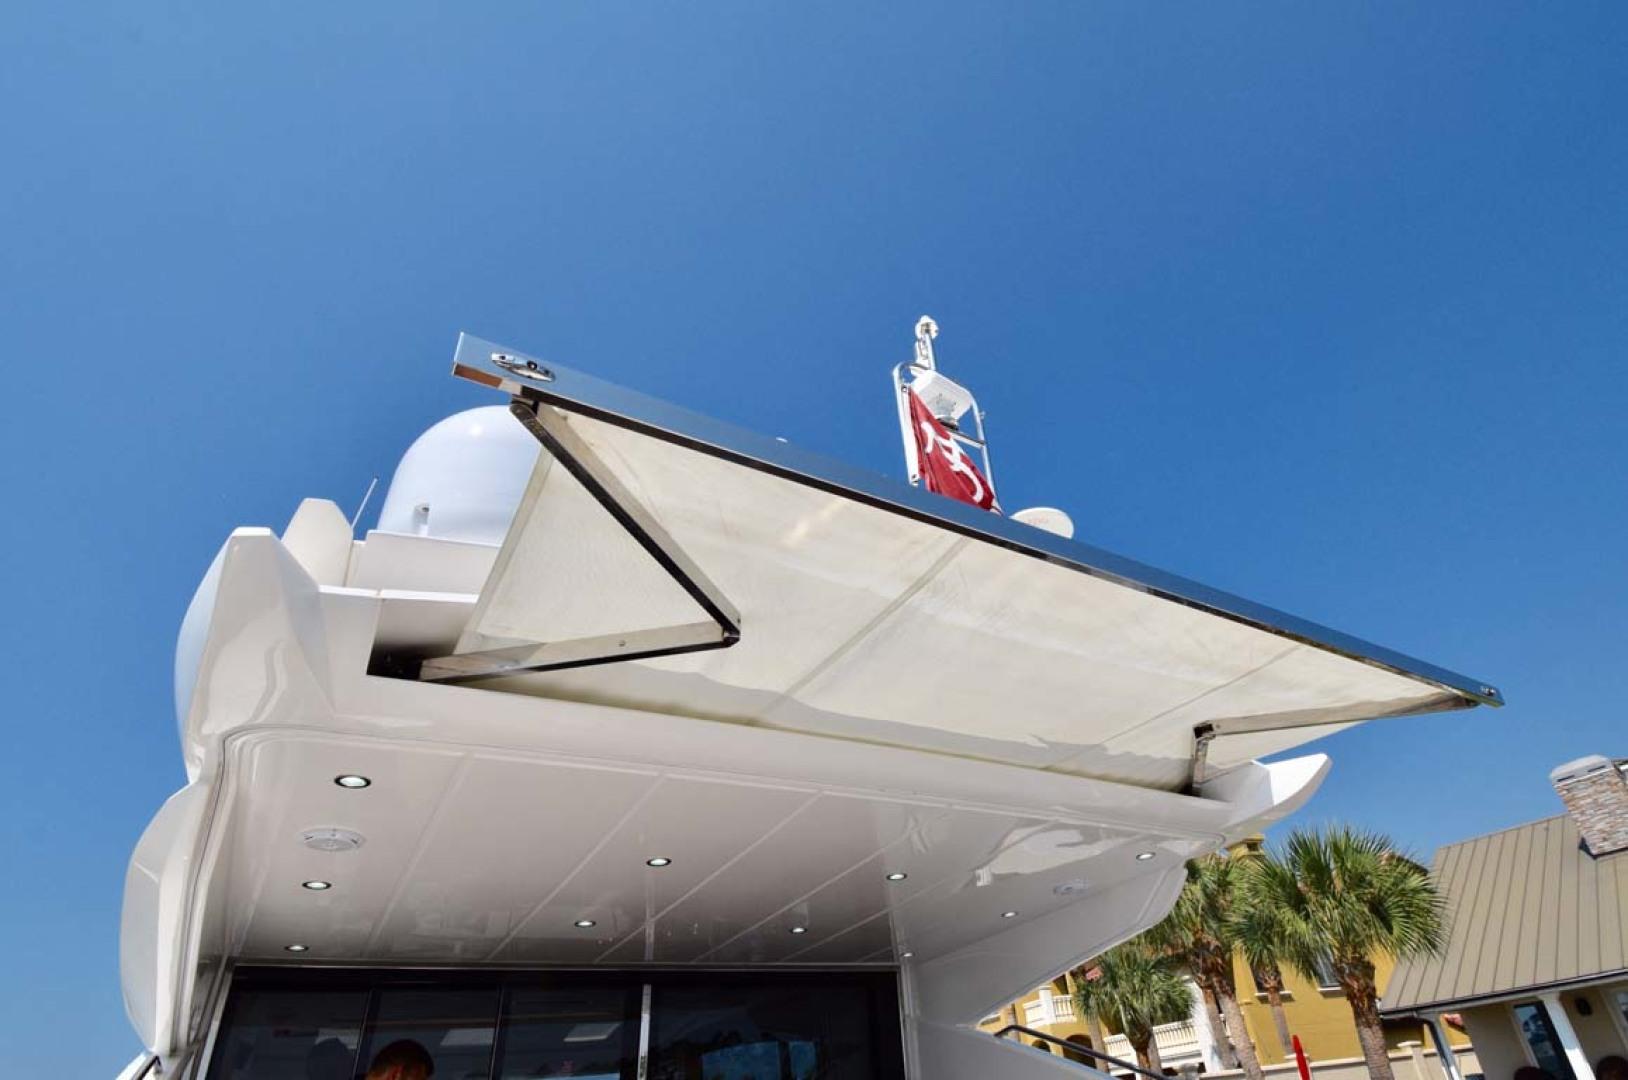 Princess-V72 2013-High Bid Destin-Florida-United States-Retractable Awning-1233061 | Thumbnail